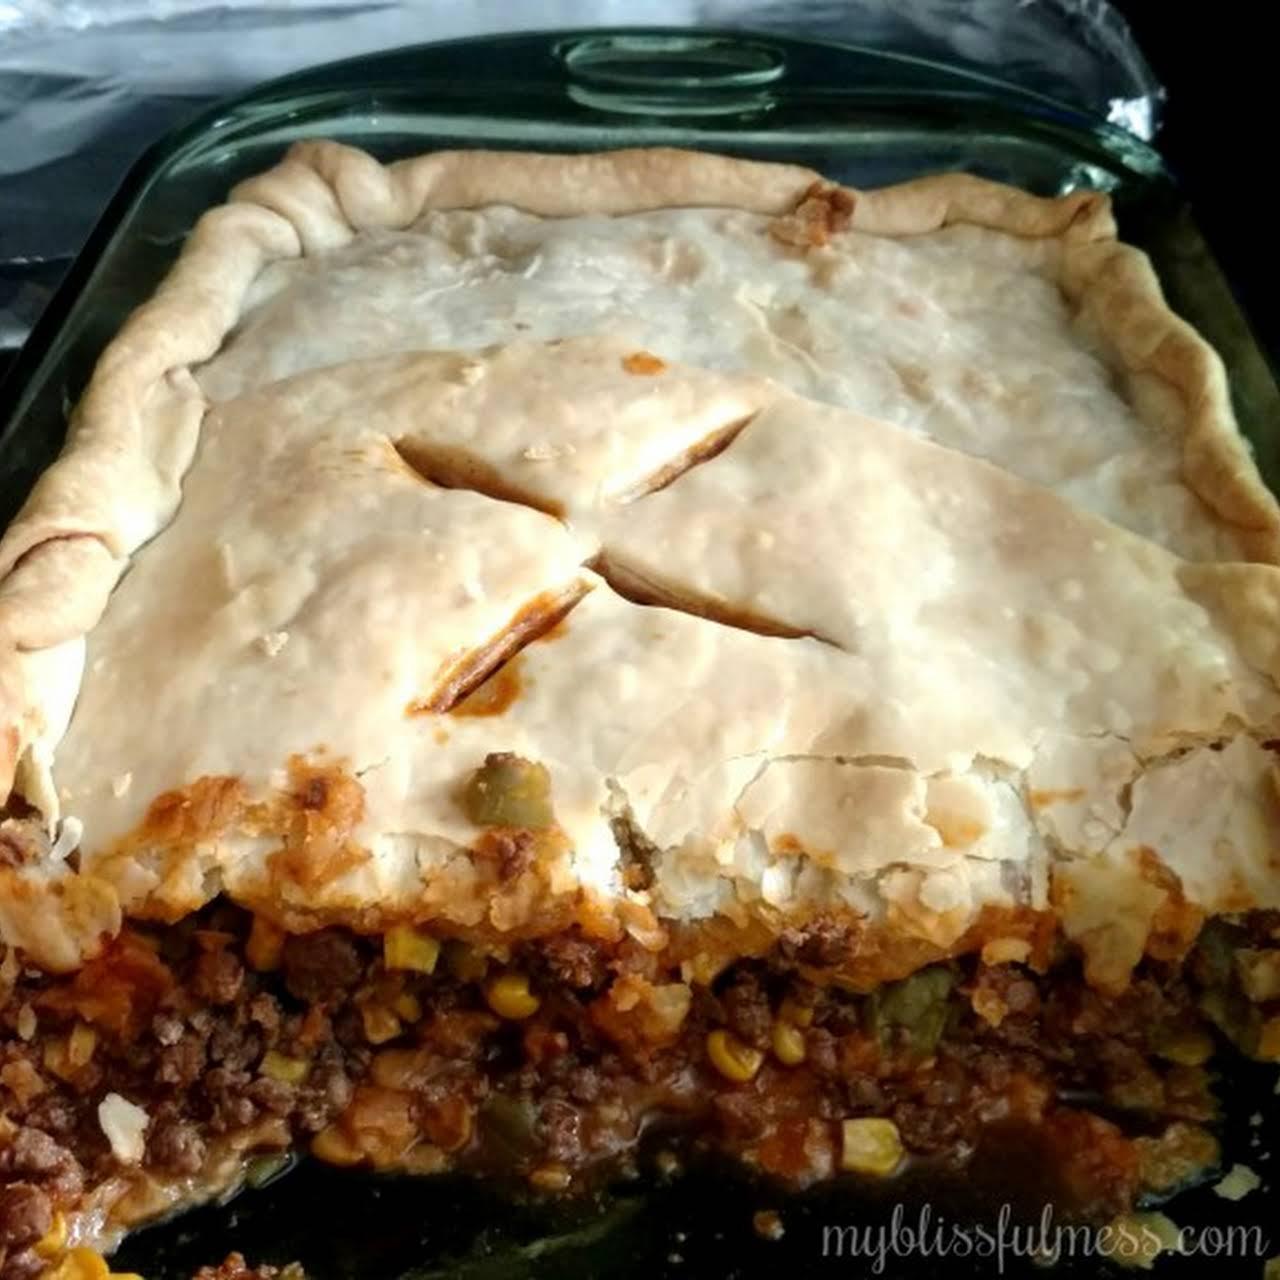 Susans Fabulous Meat Pie